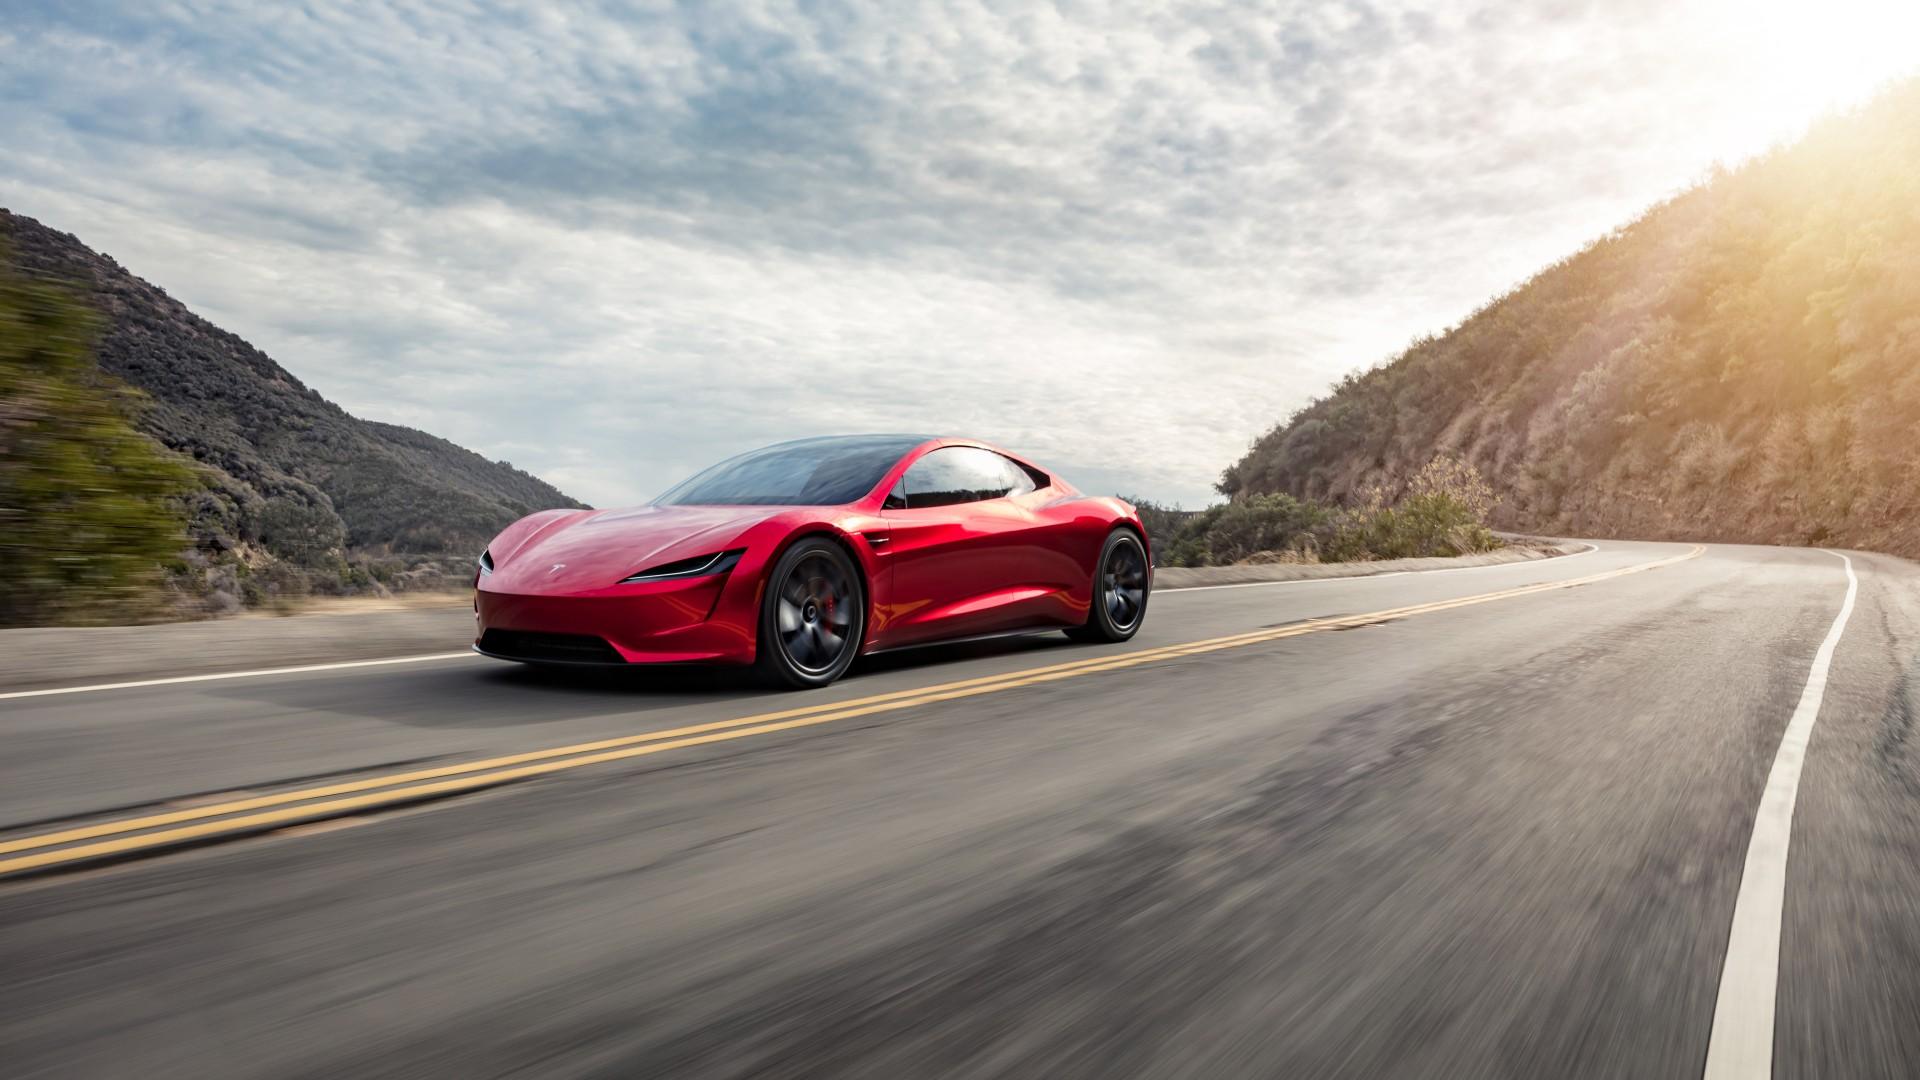 Tesla Roadster 4K 3 Wallpaper | HD Car Wallpapers | ID #11245